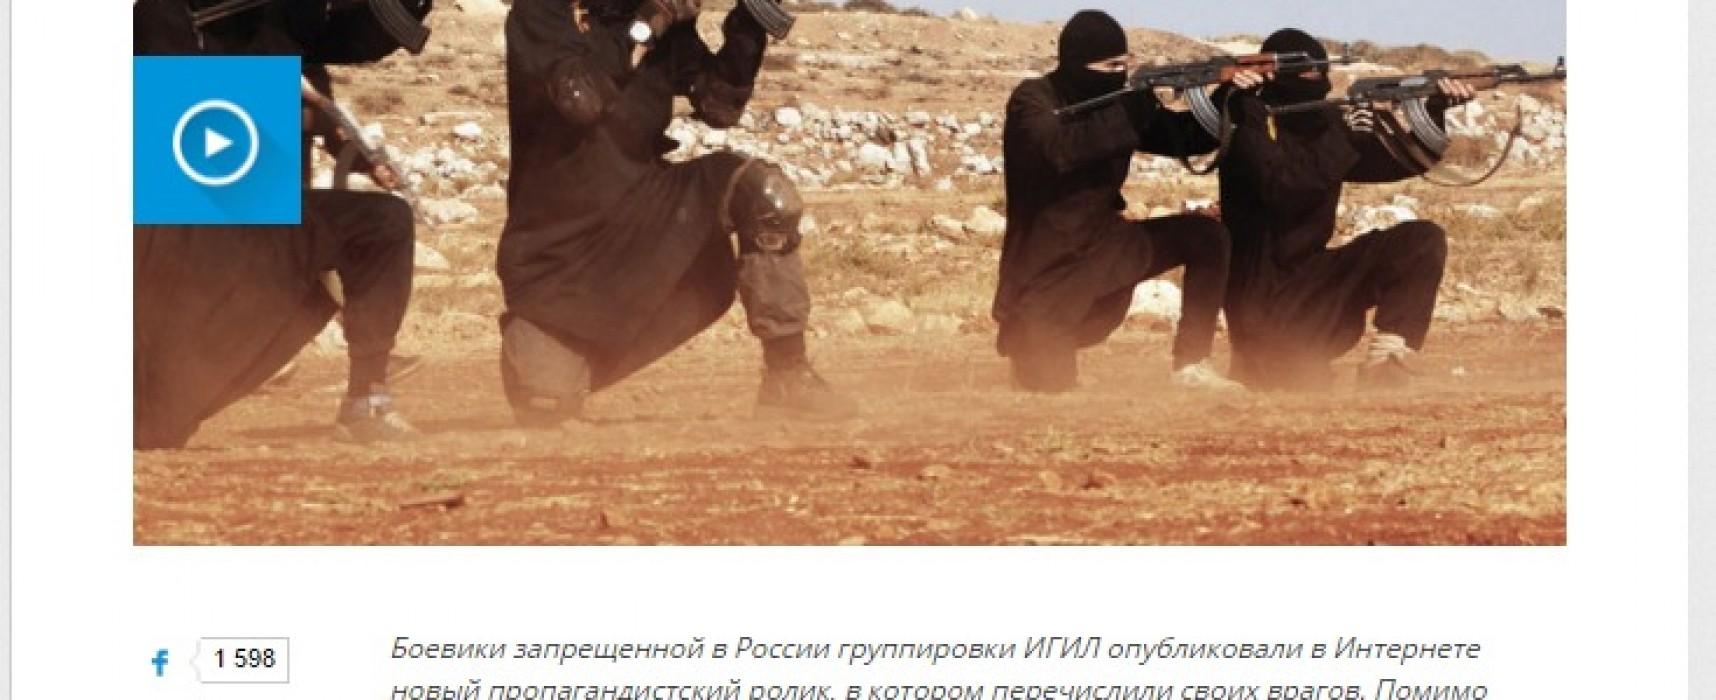 Фейк: в ООН признали присутствие исламистов среди украинских военных